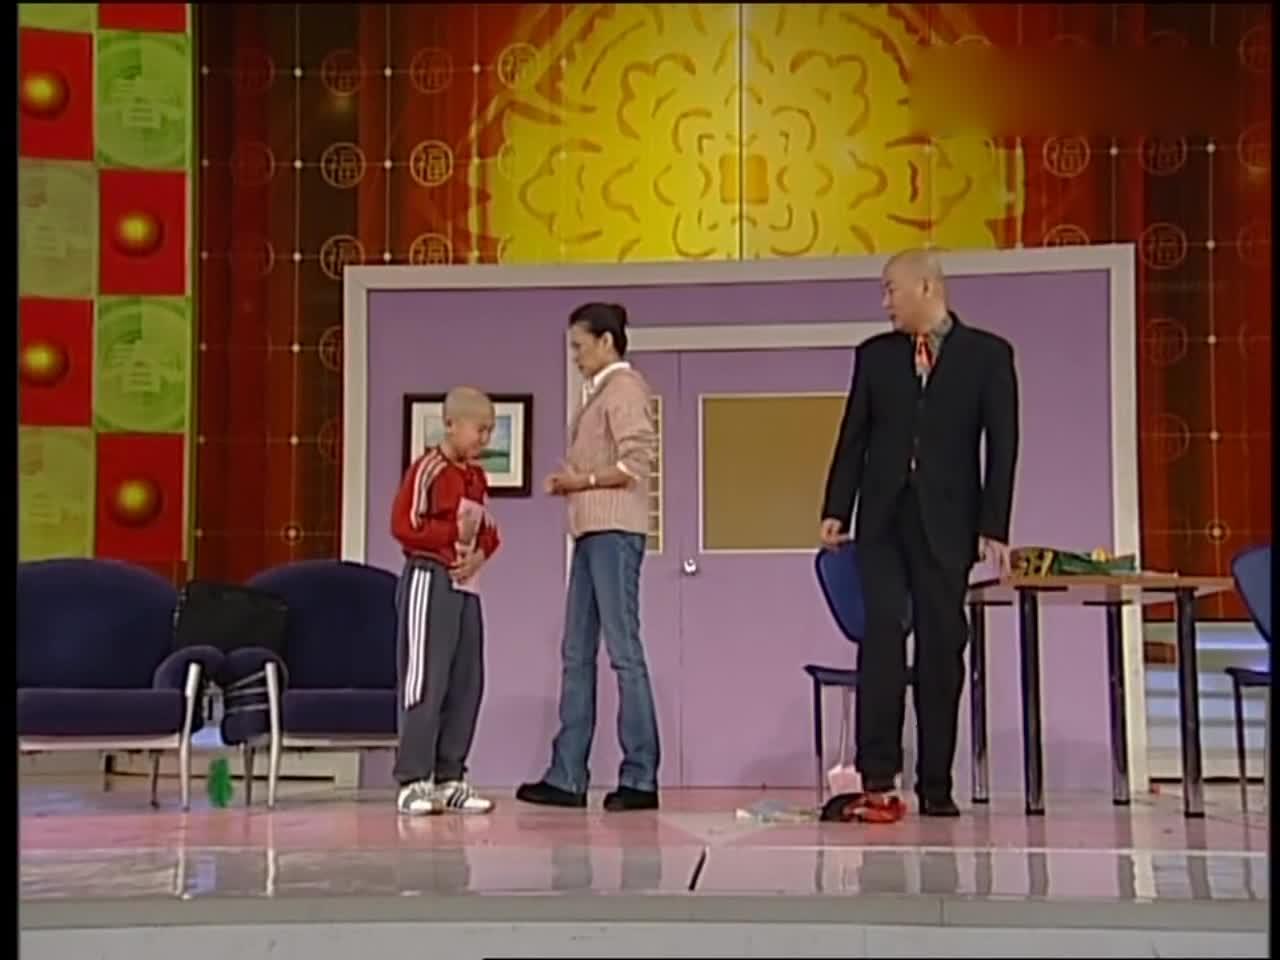 郭冬临2003年央视春晚小品《我和爸爸换角色》台词